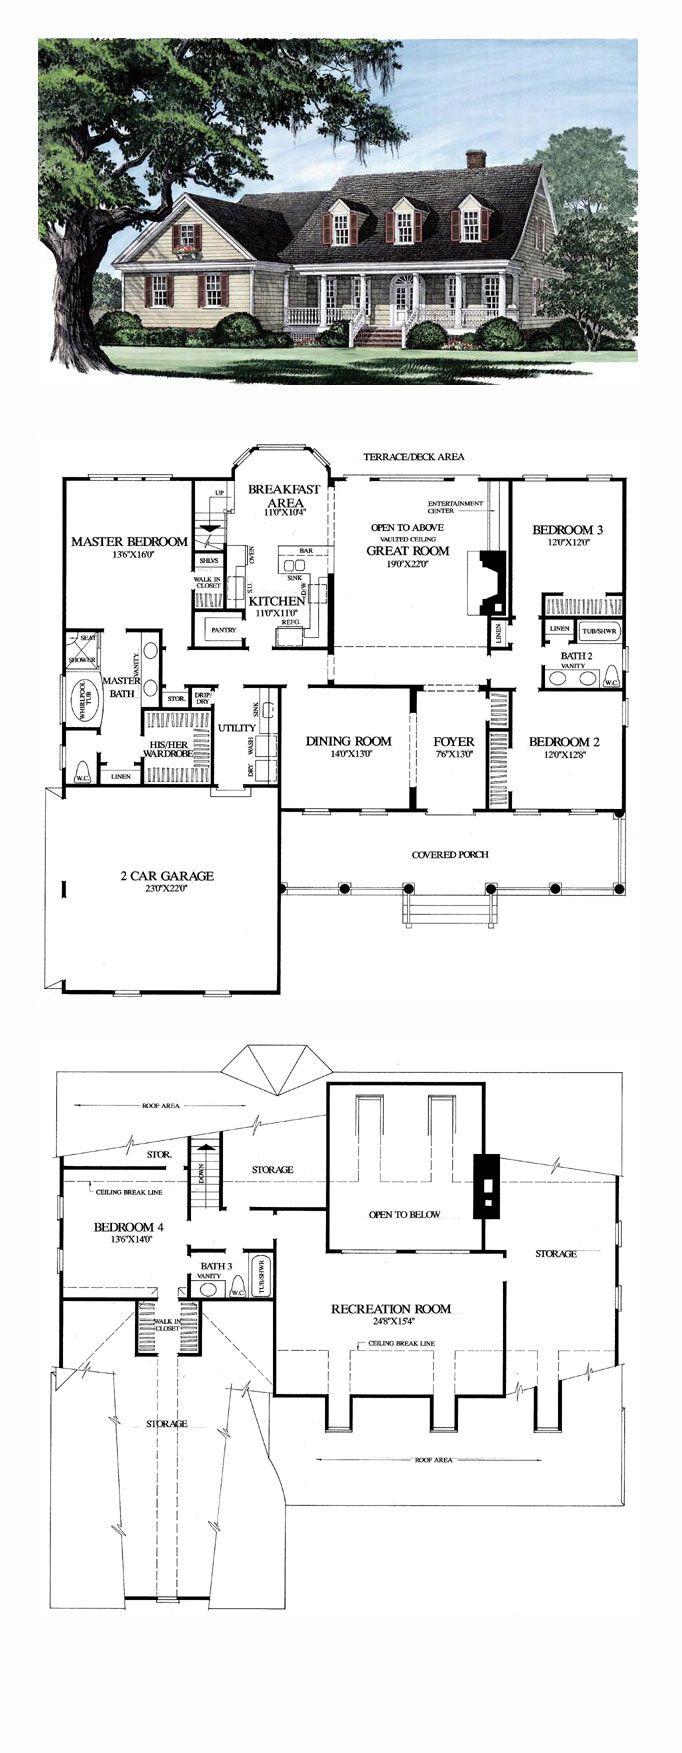 3 Bedroom 2 Bath Ranch Floor Plan Prime Nice Home Decoration Interior